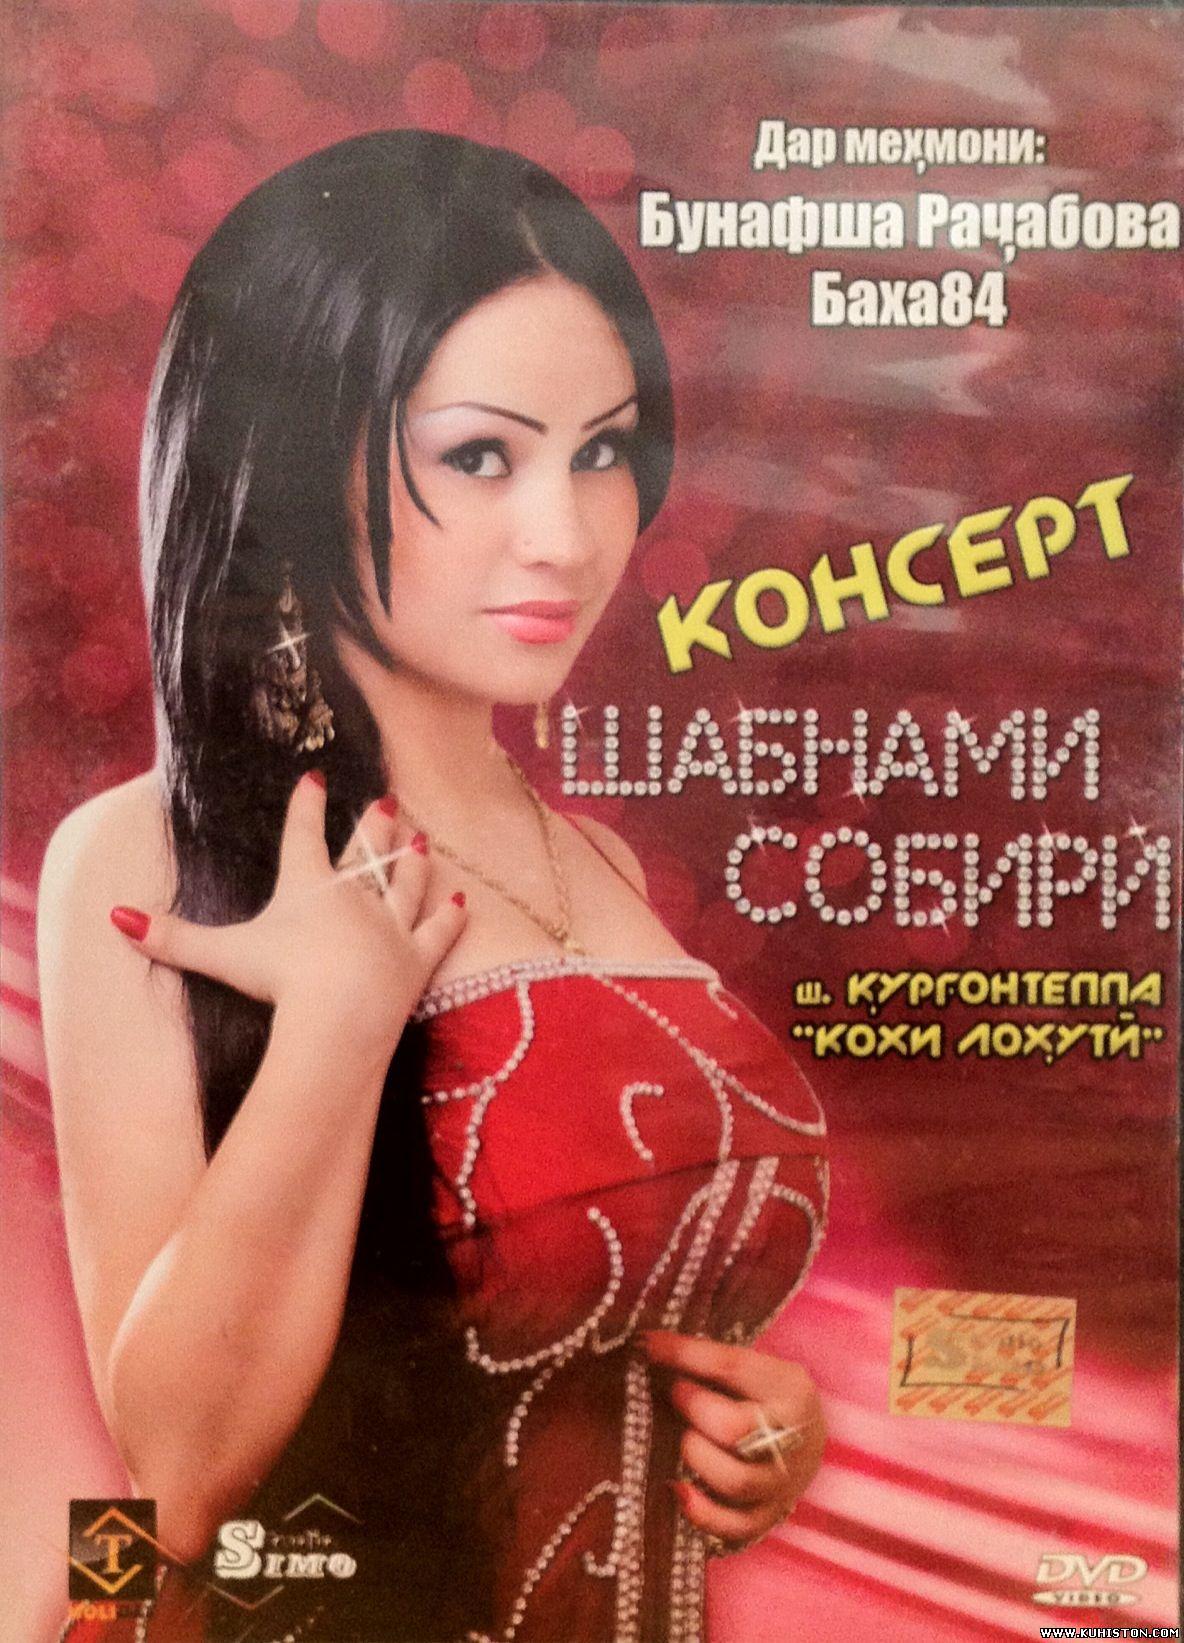 Секс таджикский скачать  Pornfox